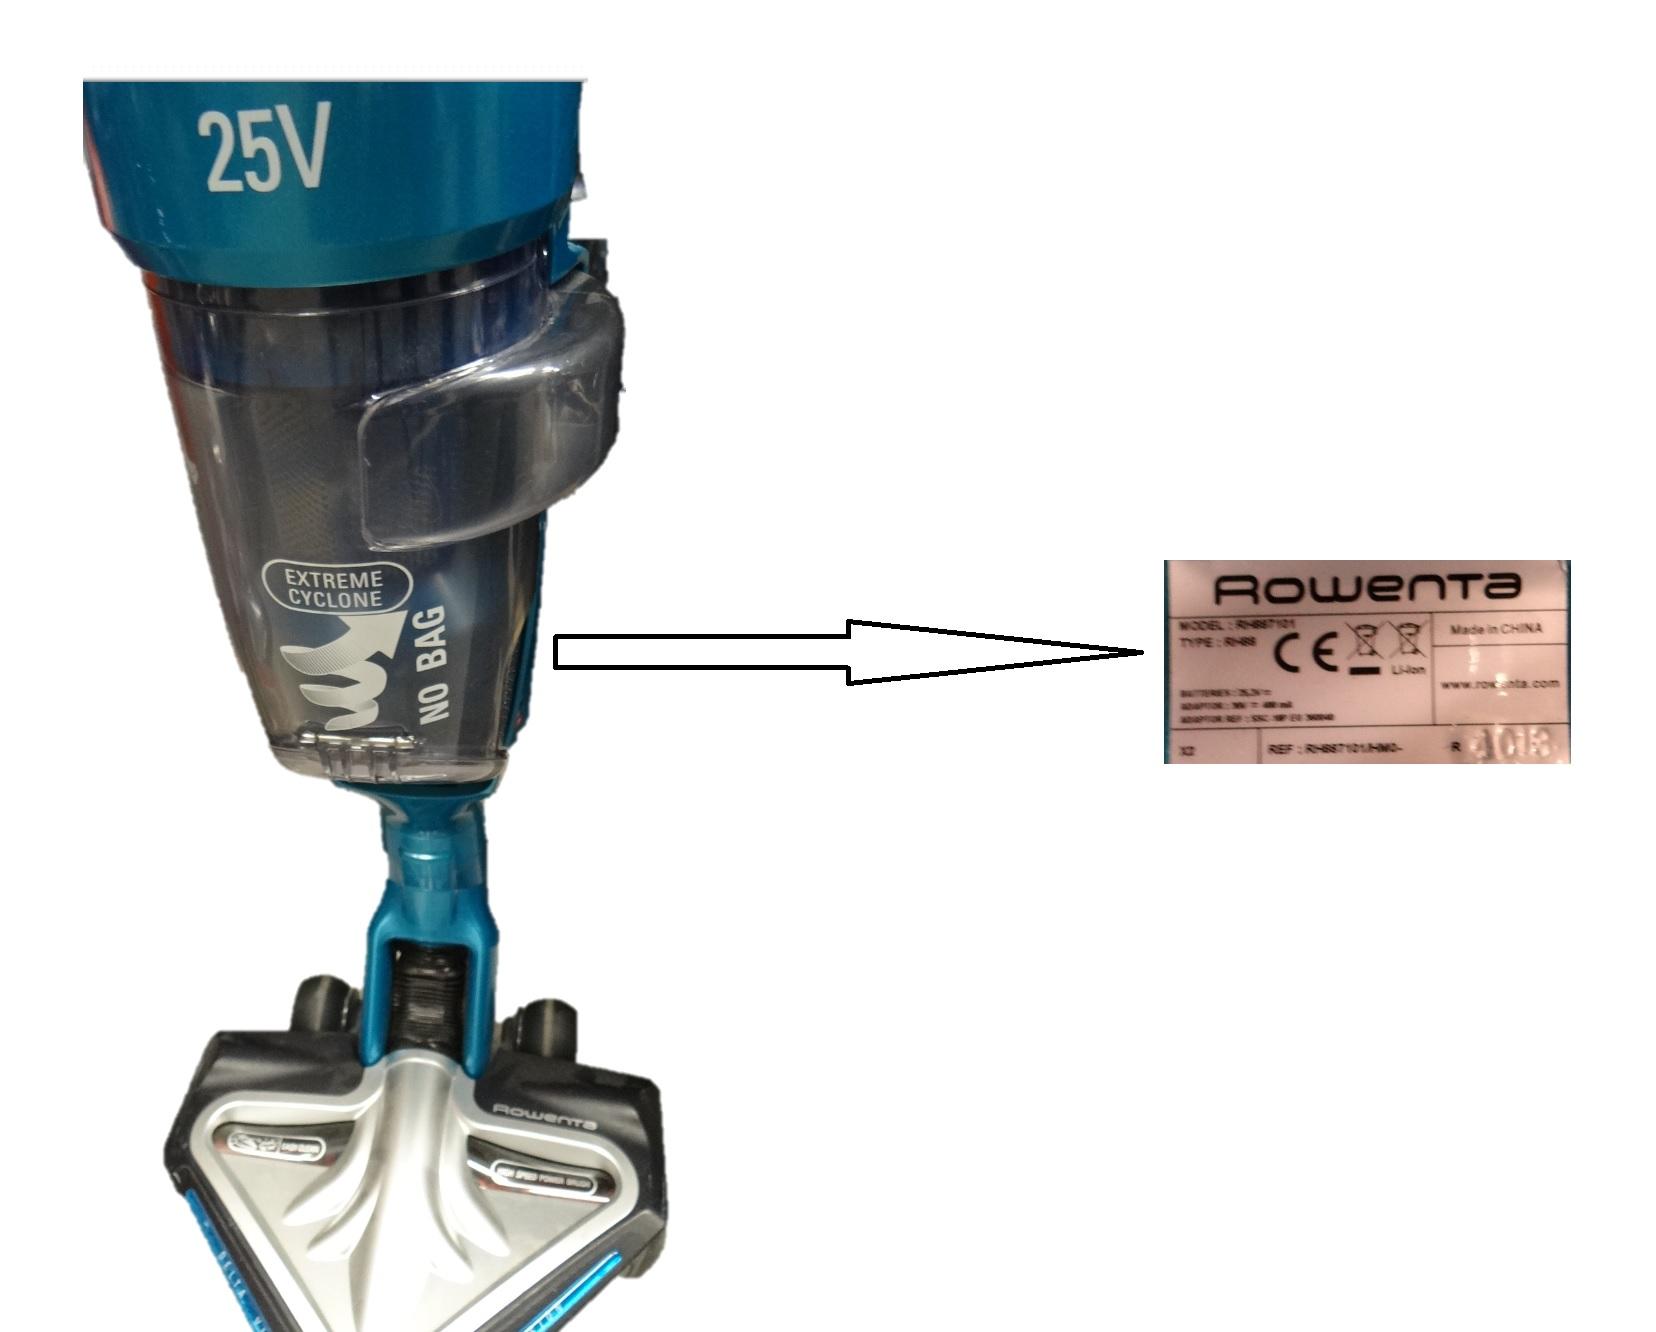 Identifier le mod le d 39 un appareil rowenta pour trouver les pi ces d tach es miss - Appareil pour rafraichir piece ...